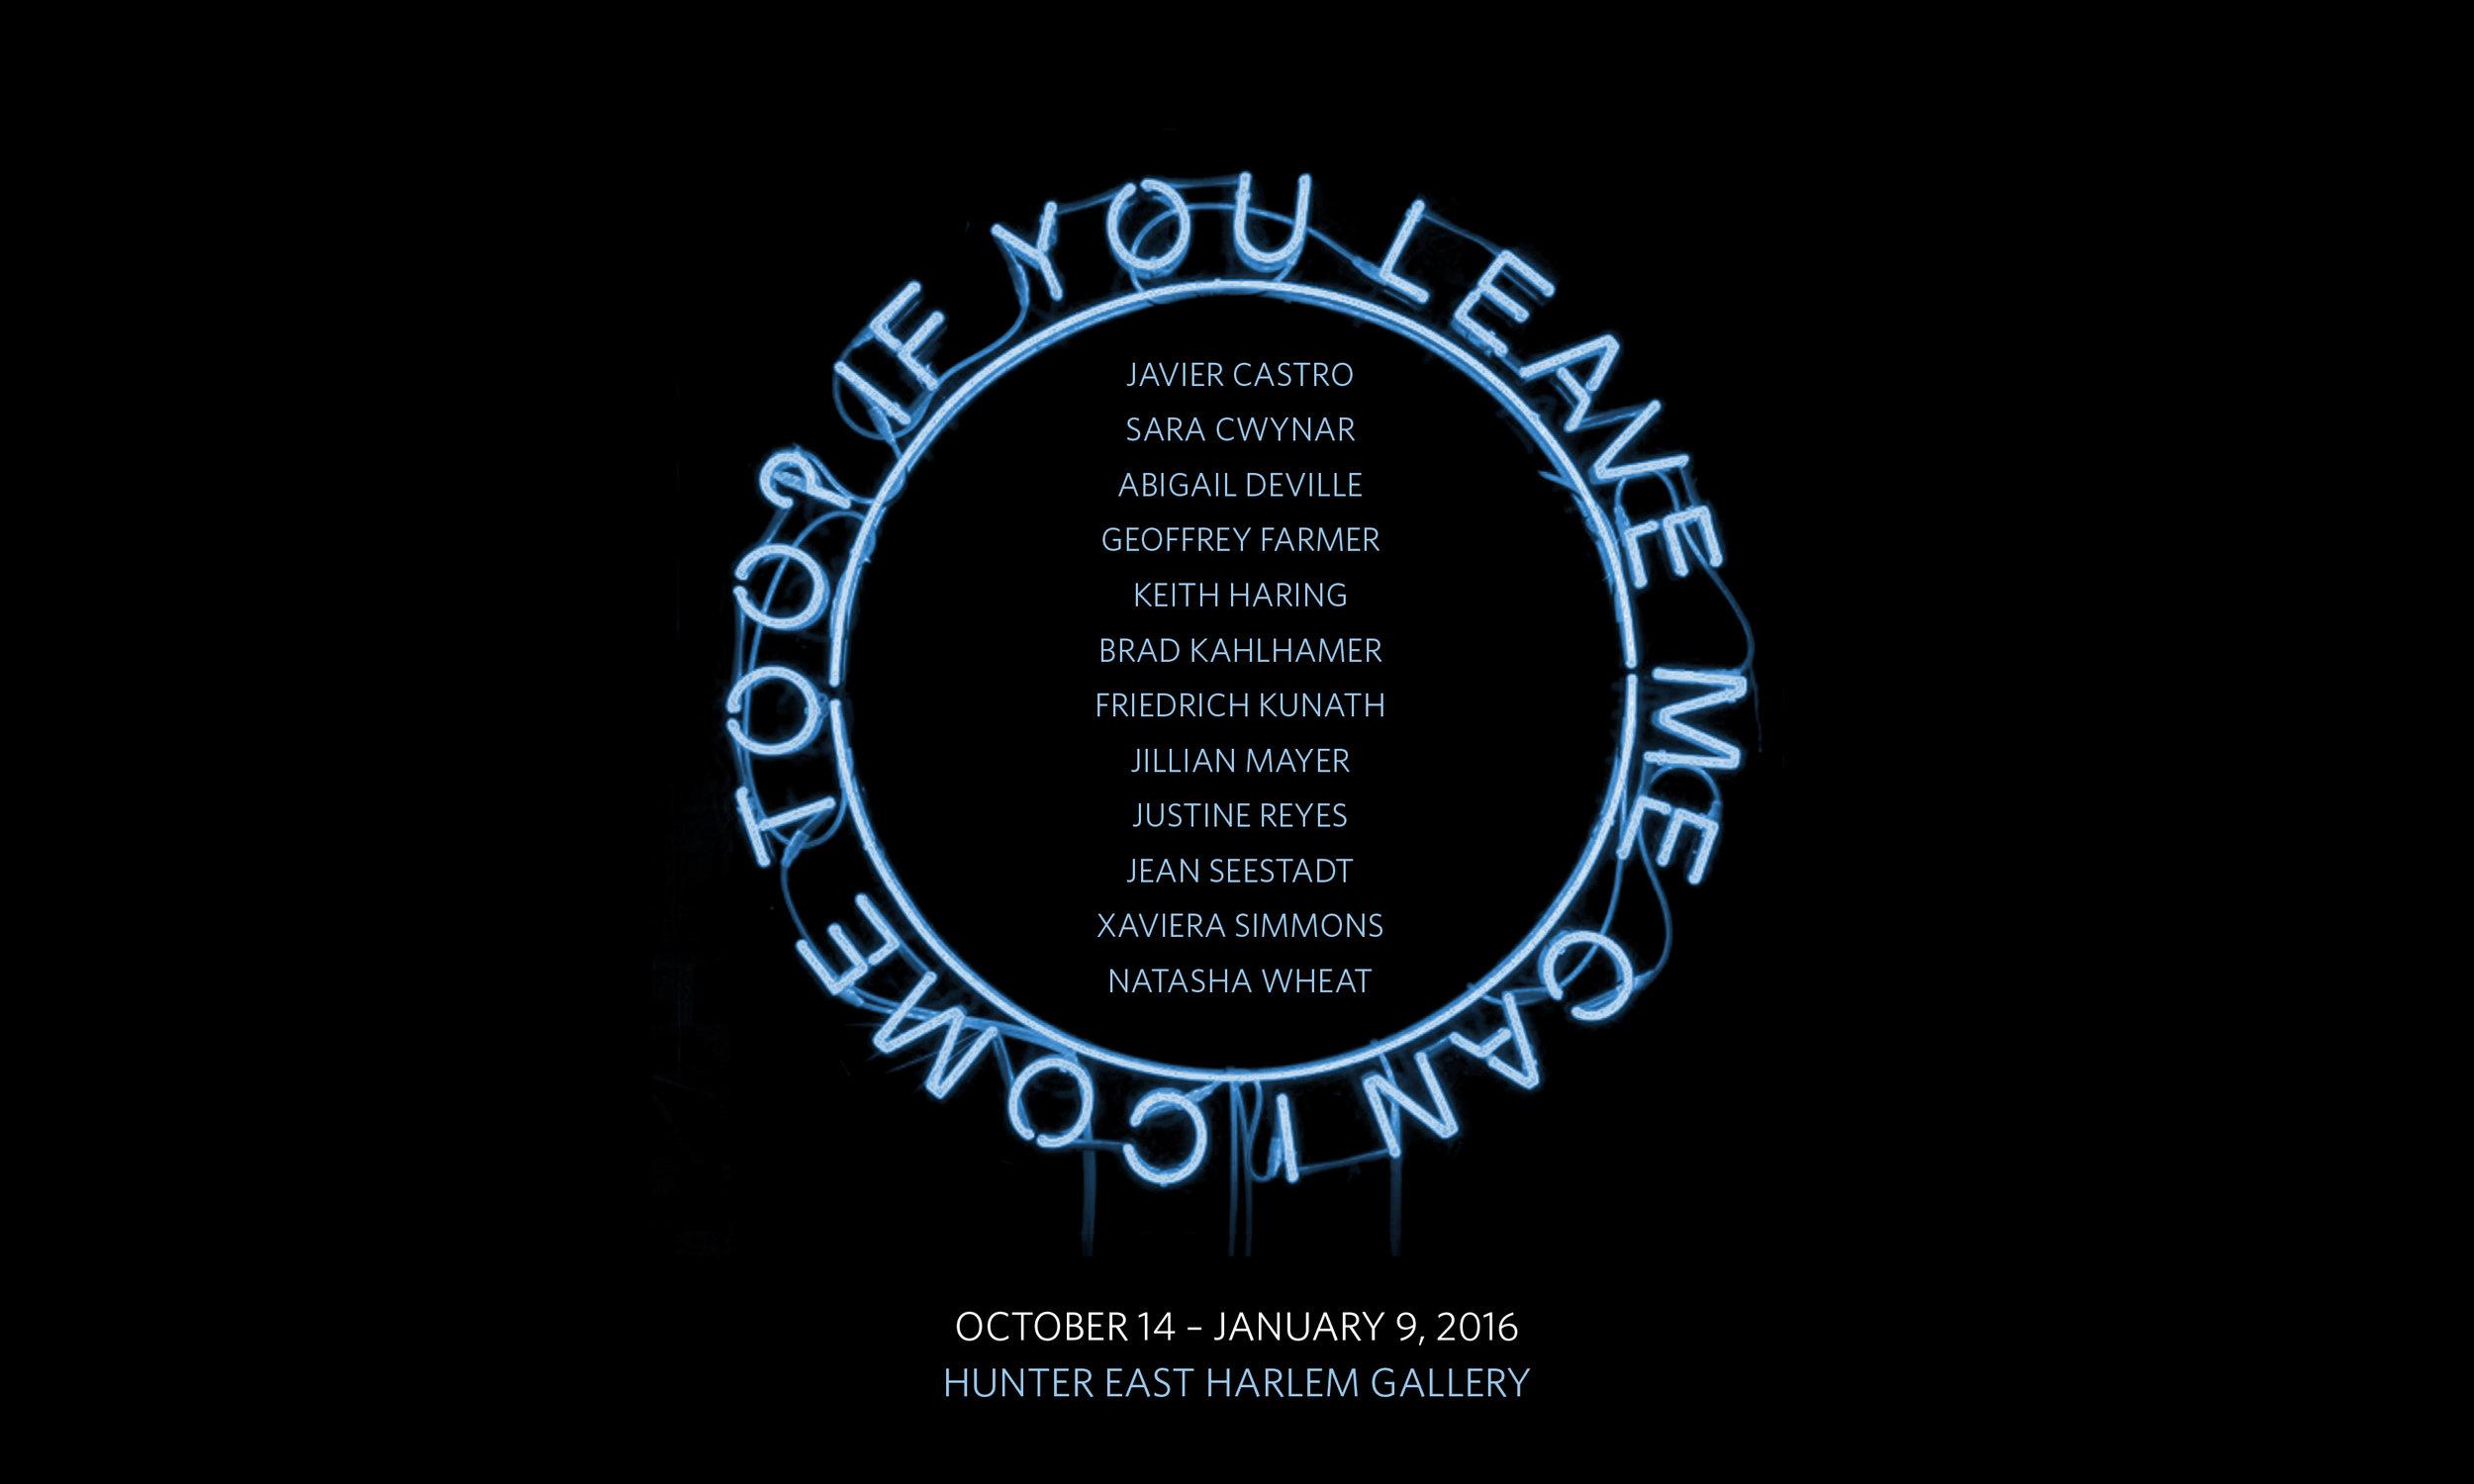 If-You-Leav-Me-Logo.jpg